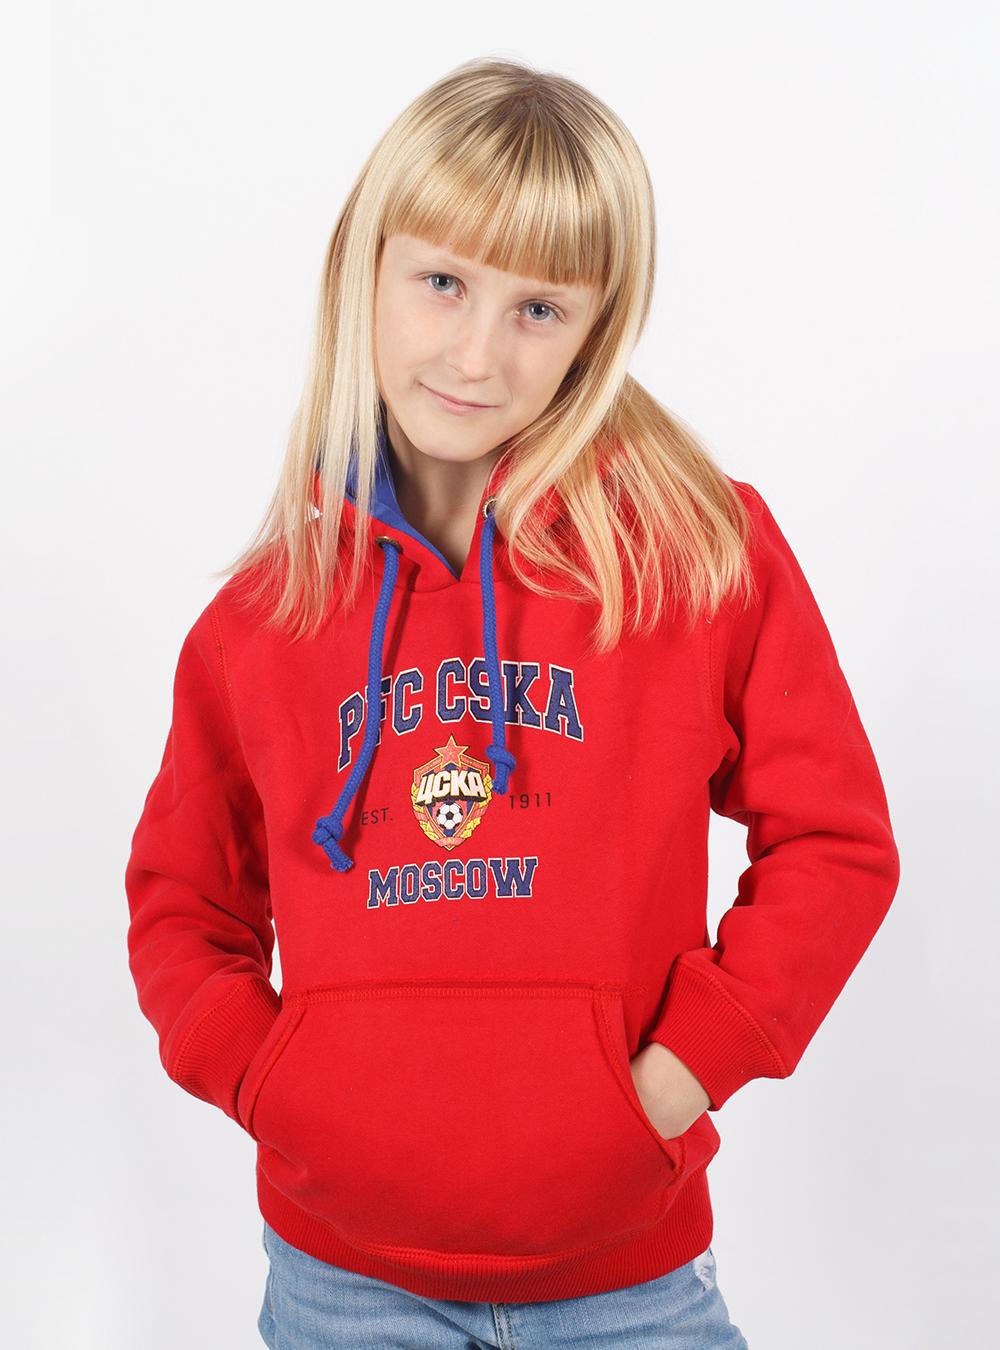 Толстовка детская PFC CSKA MOSCOW, цвет красный (110)Одежда<br>Толстовка детская PFC CSKA MOSCOW, цвет красный<br>